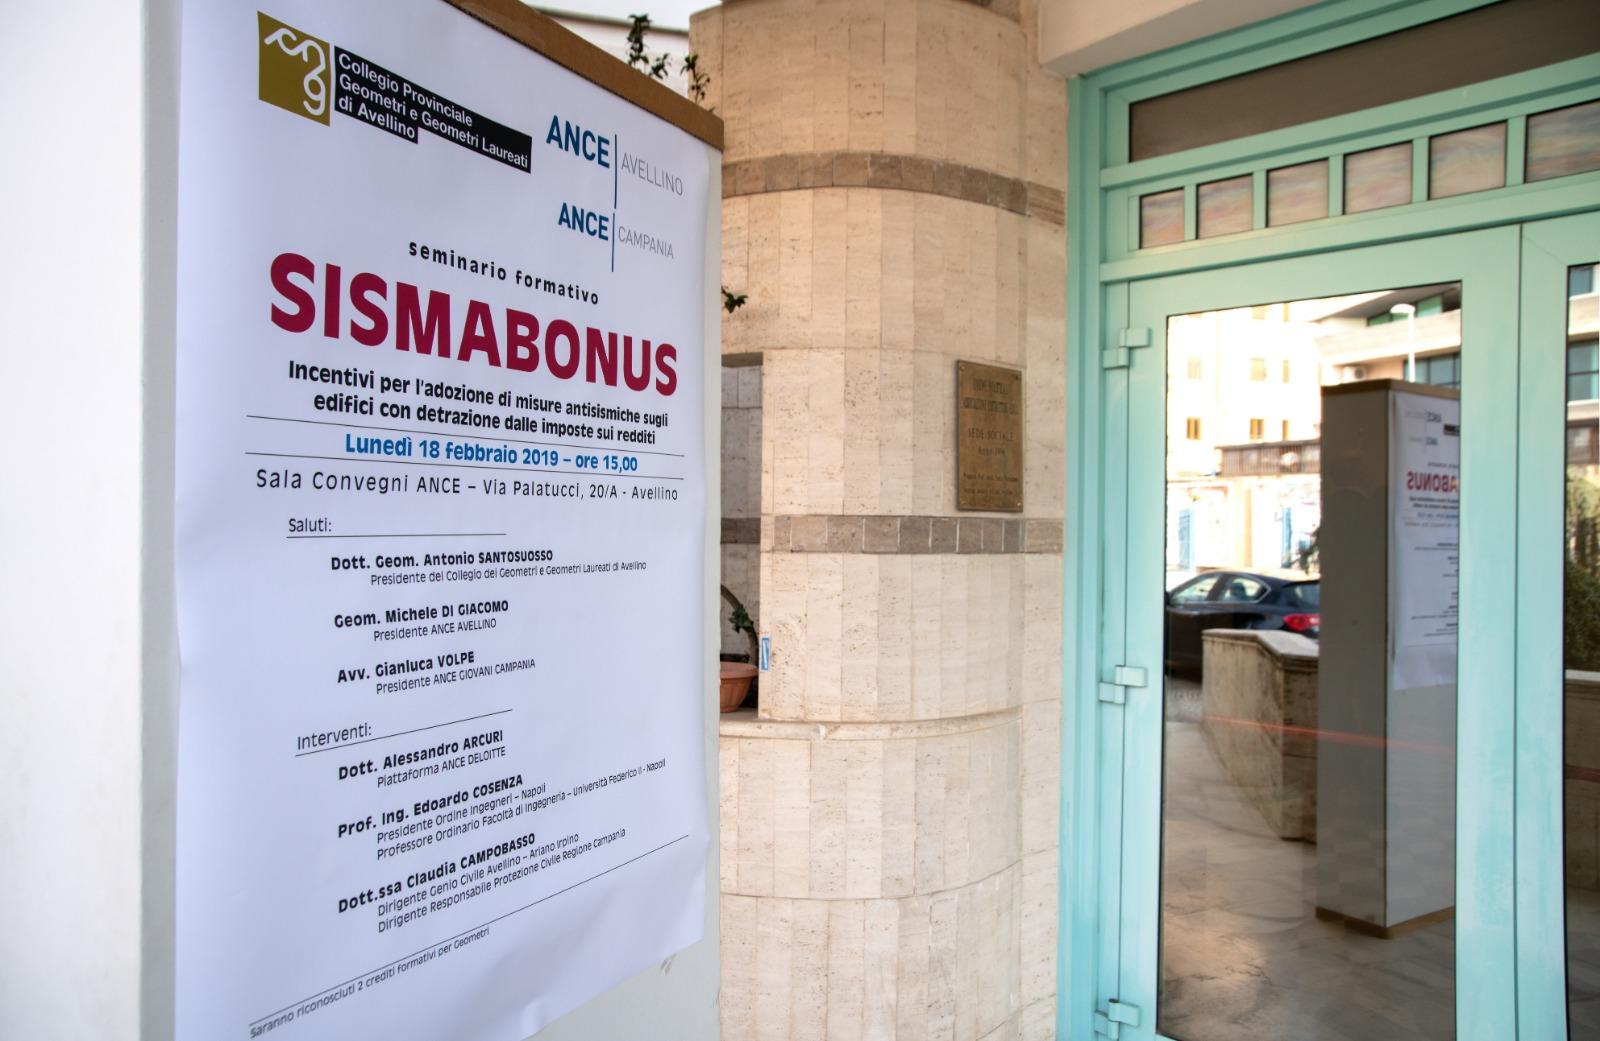 Sismabonus – 18 febbraio 2019